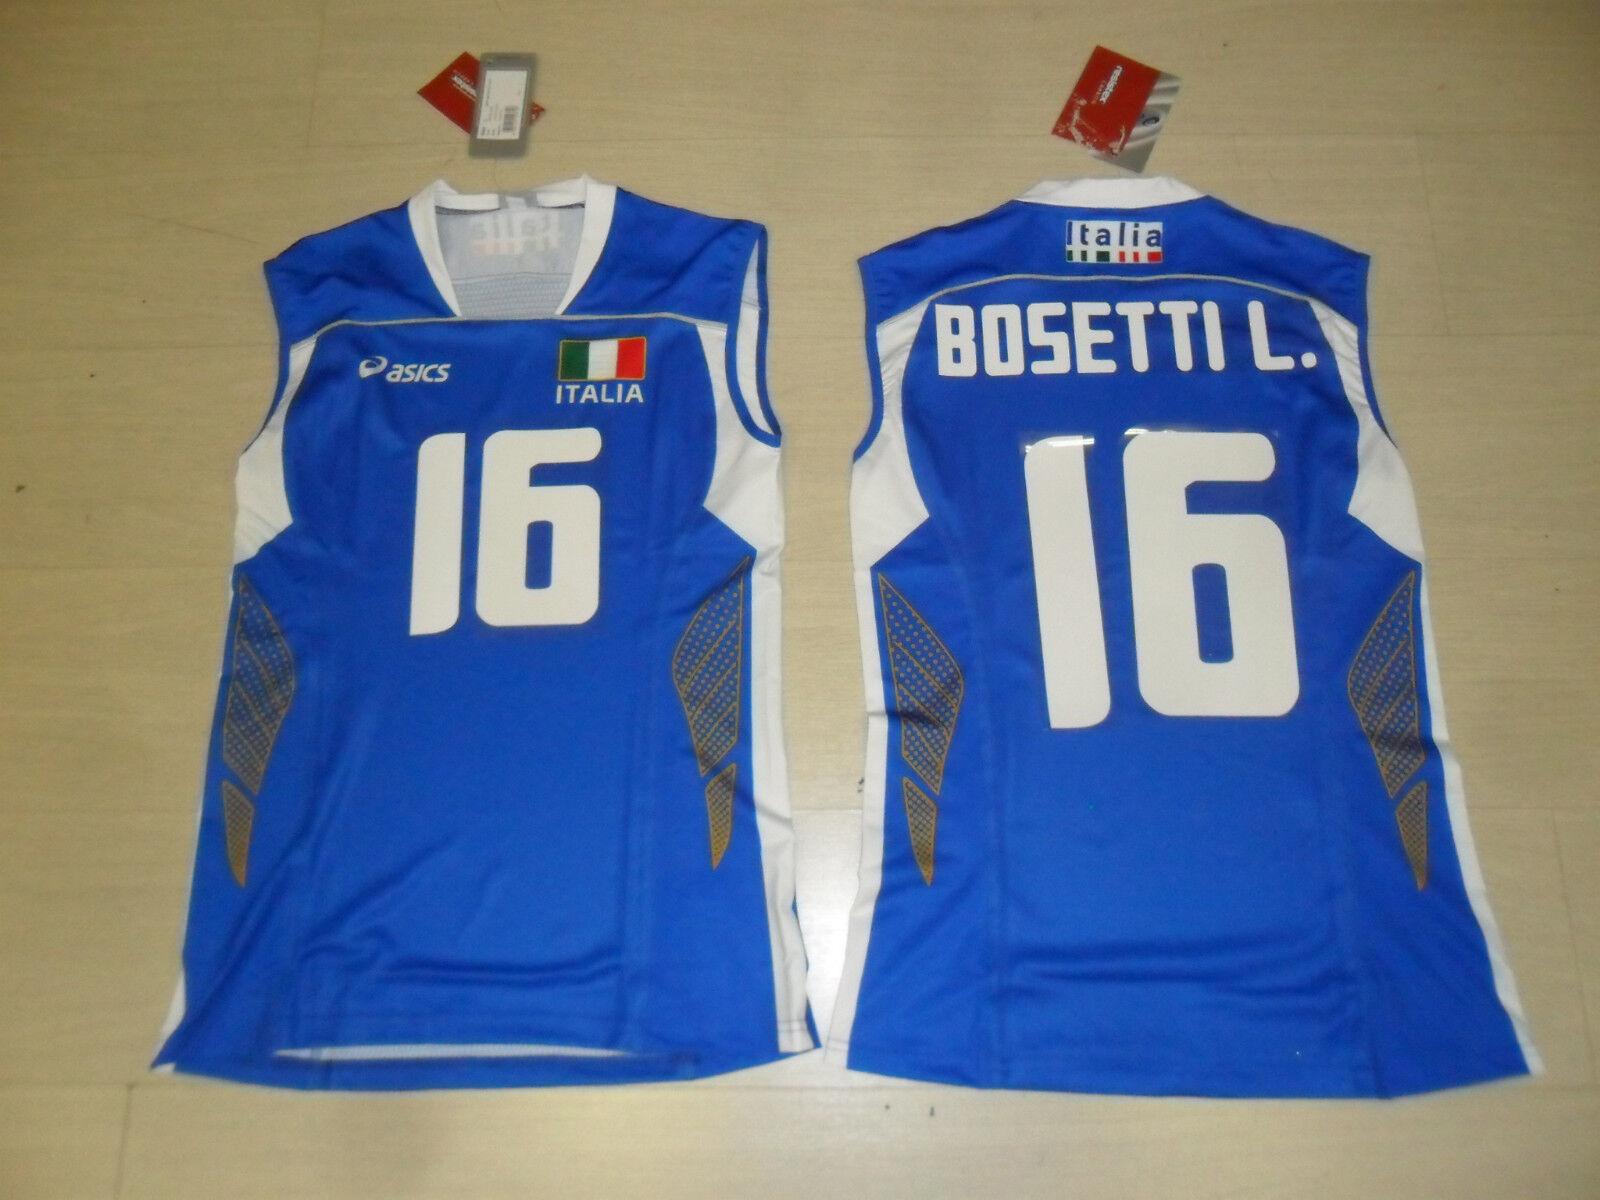 GRÖßE L BOSETTI L. L. L. FIPAV ITALIEN ITALY VOLLEYBALL T-SHIRT OLYMPIADE DAMEN c6d954